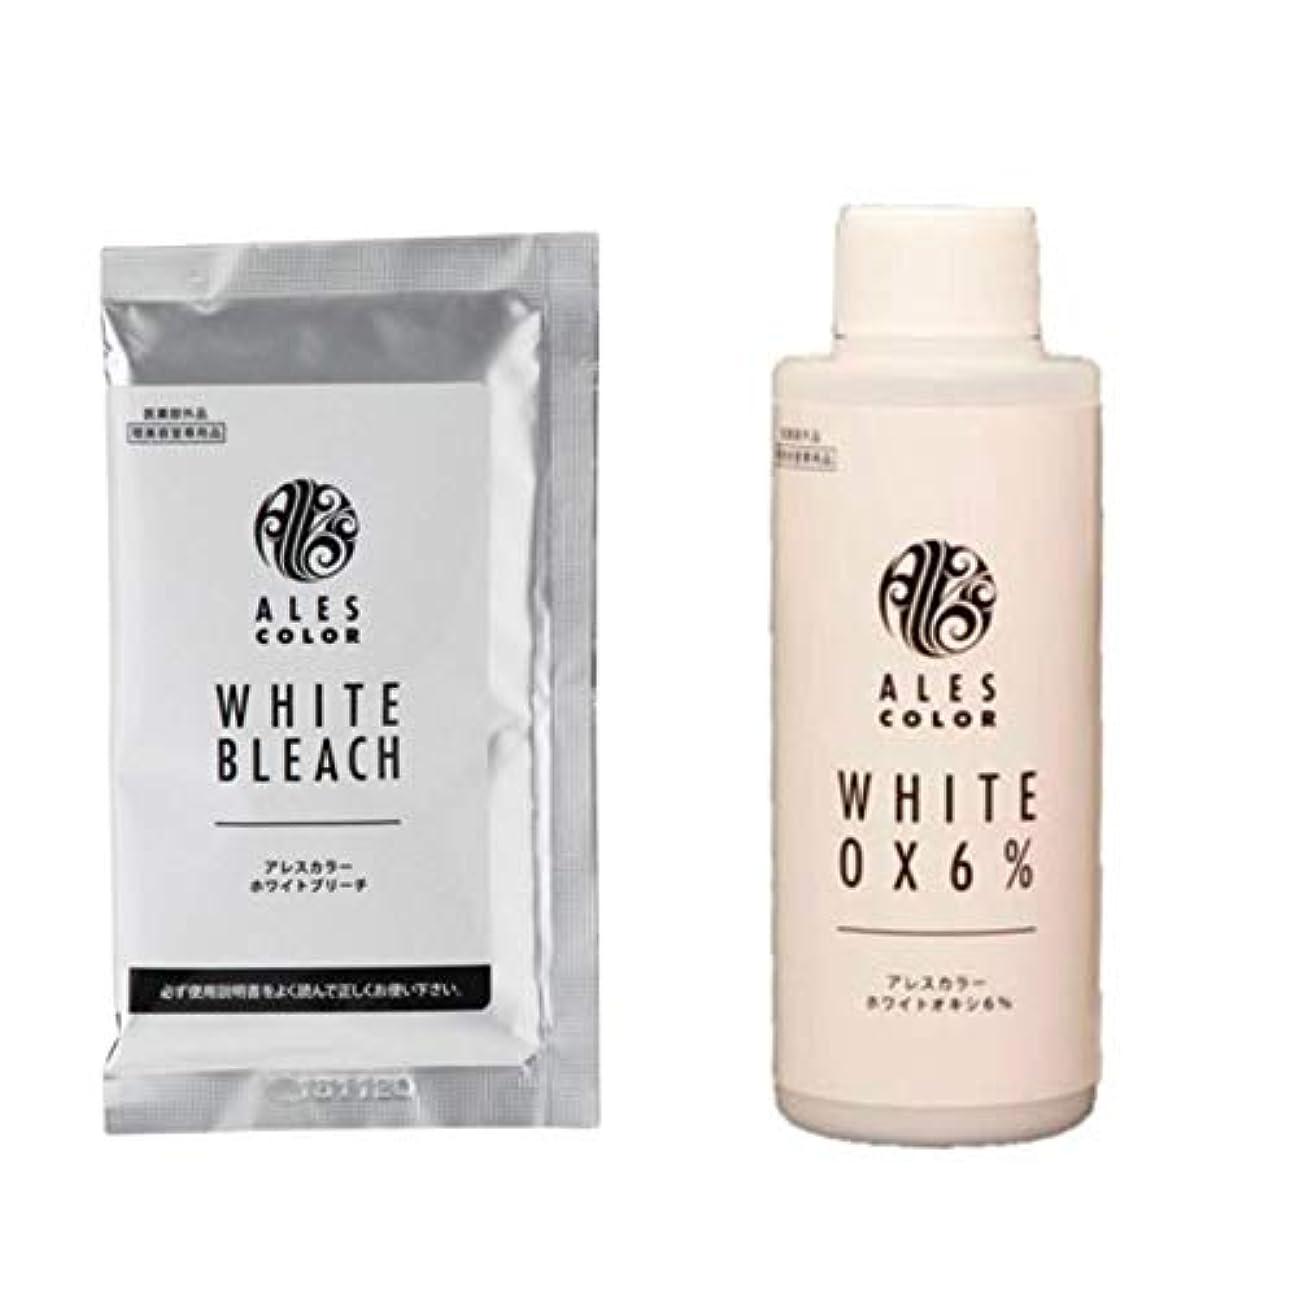 抽選頑丈孤独アレスカラー ホワイトブリーチ セット(1剤) 30g ホワイトオキシ6% 120ml